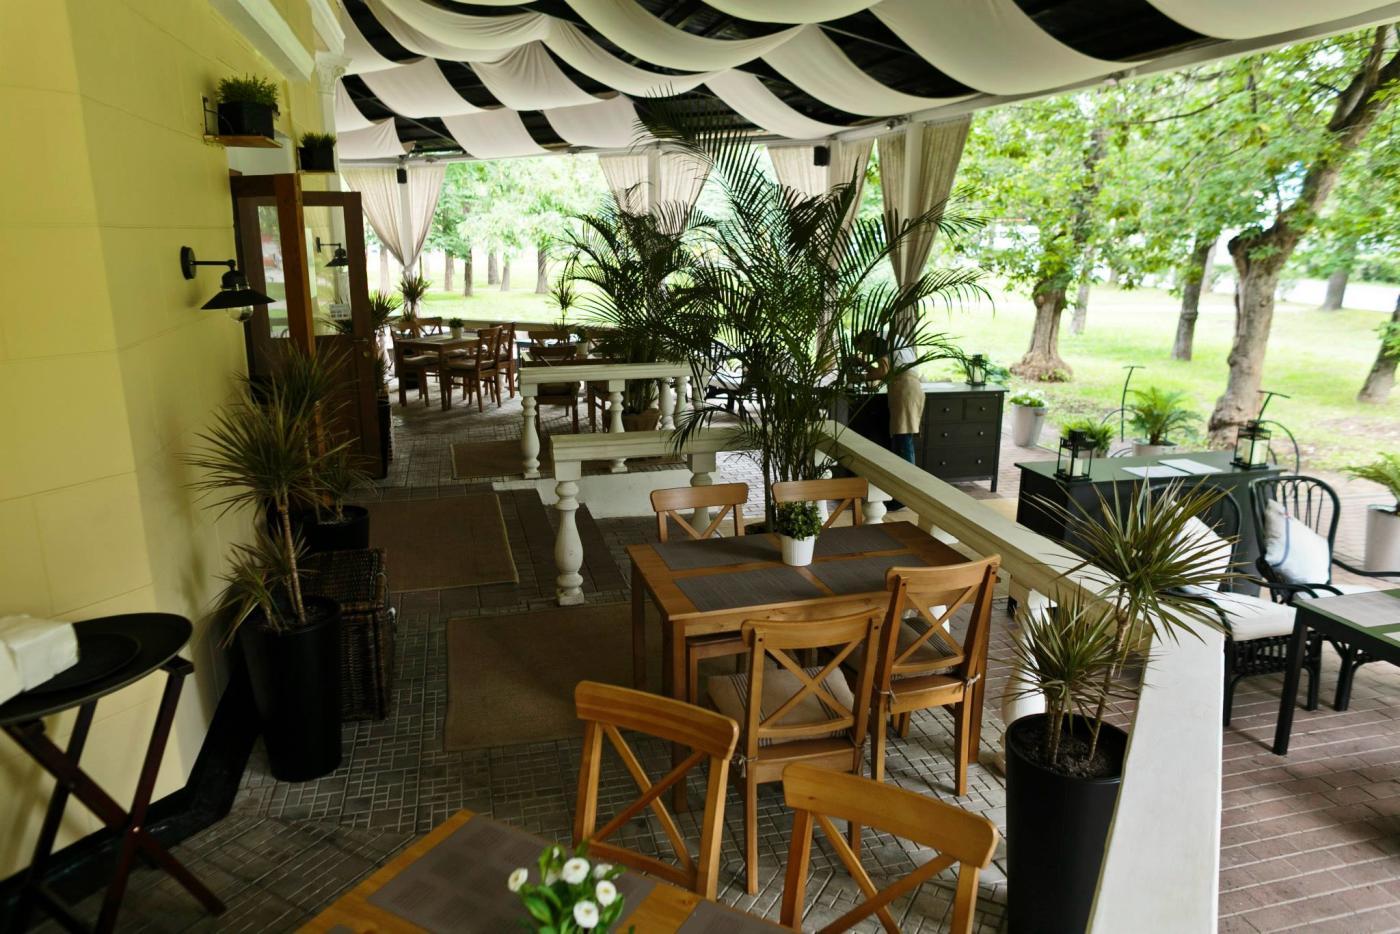 Ресторан Верещагин на ВДНХ фото 31